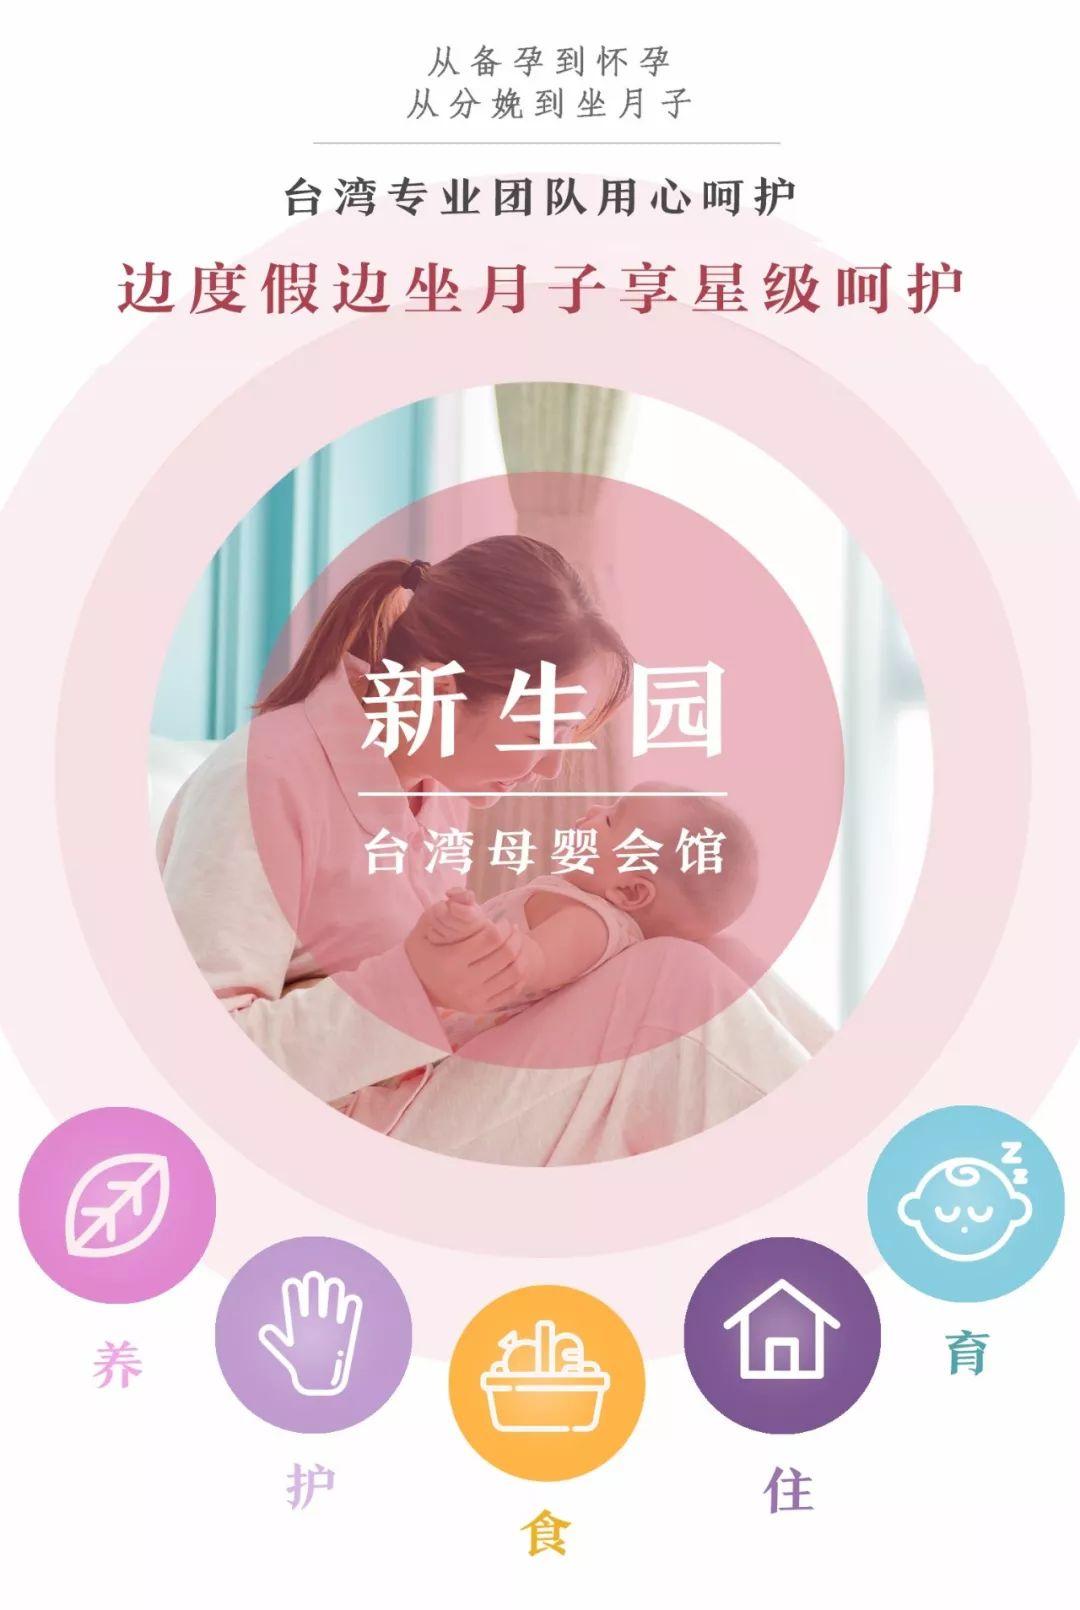 """台湾护理专家坐阵的月子中心,让每个宝妈都成为""""第一夫人""""!"""